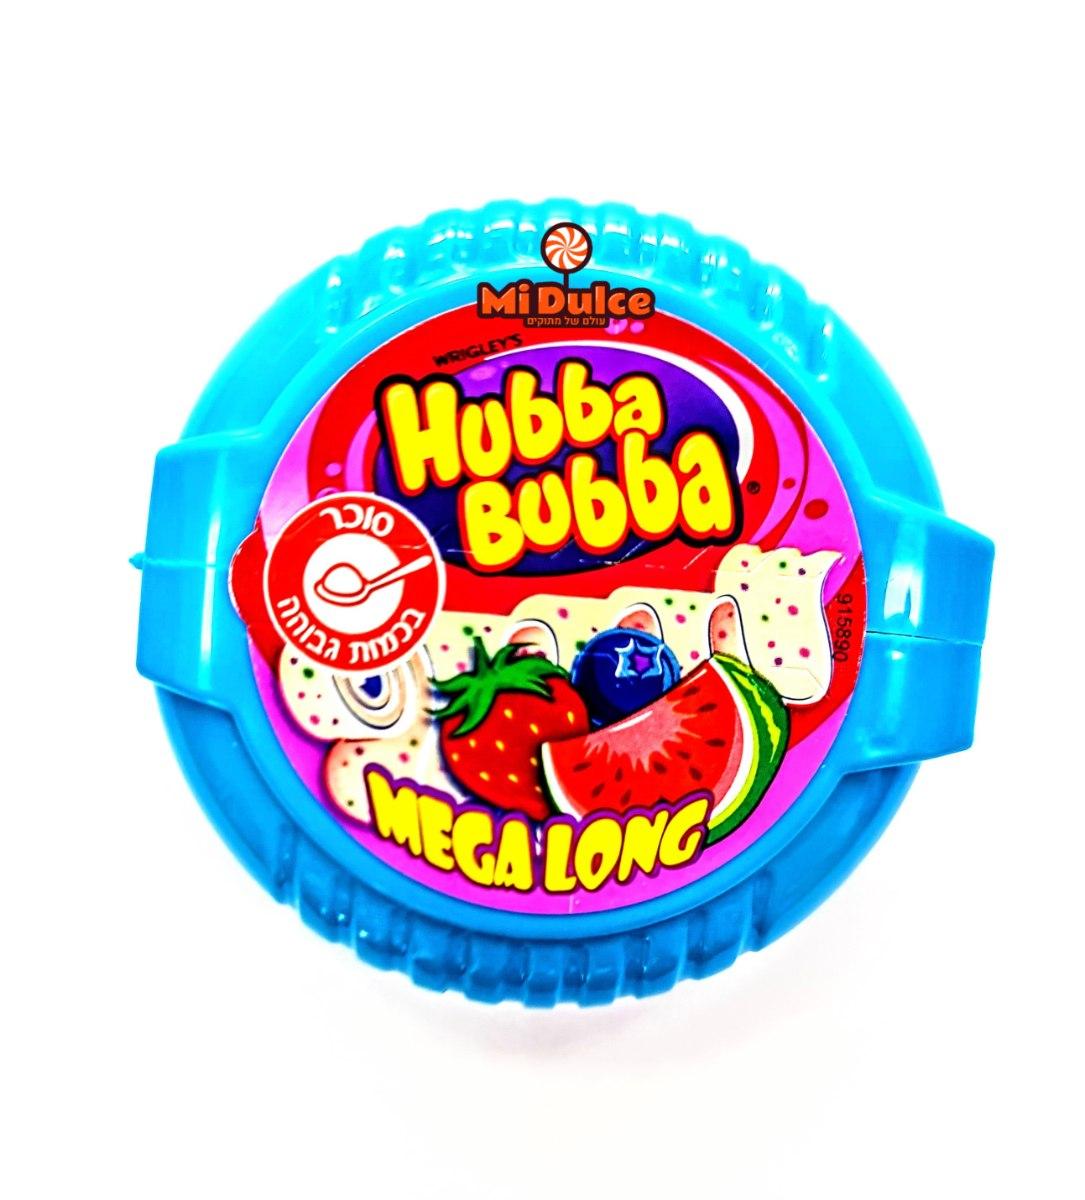 Hubba Bubba Mega Long Fruits